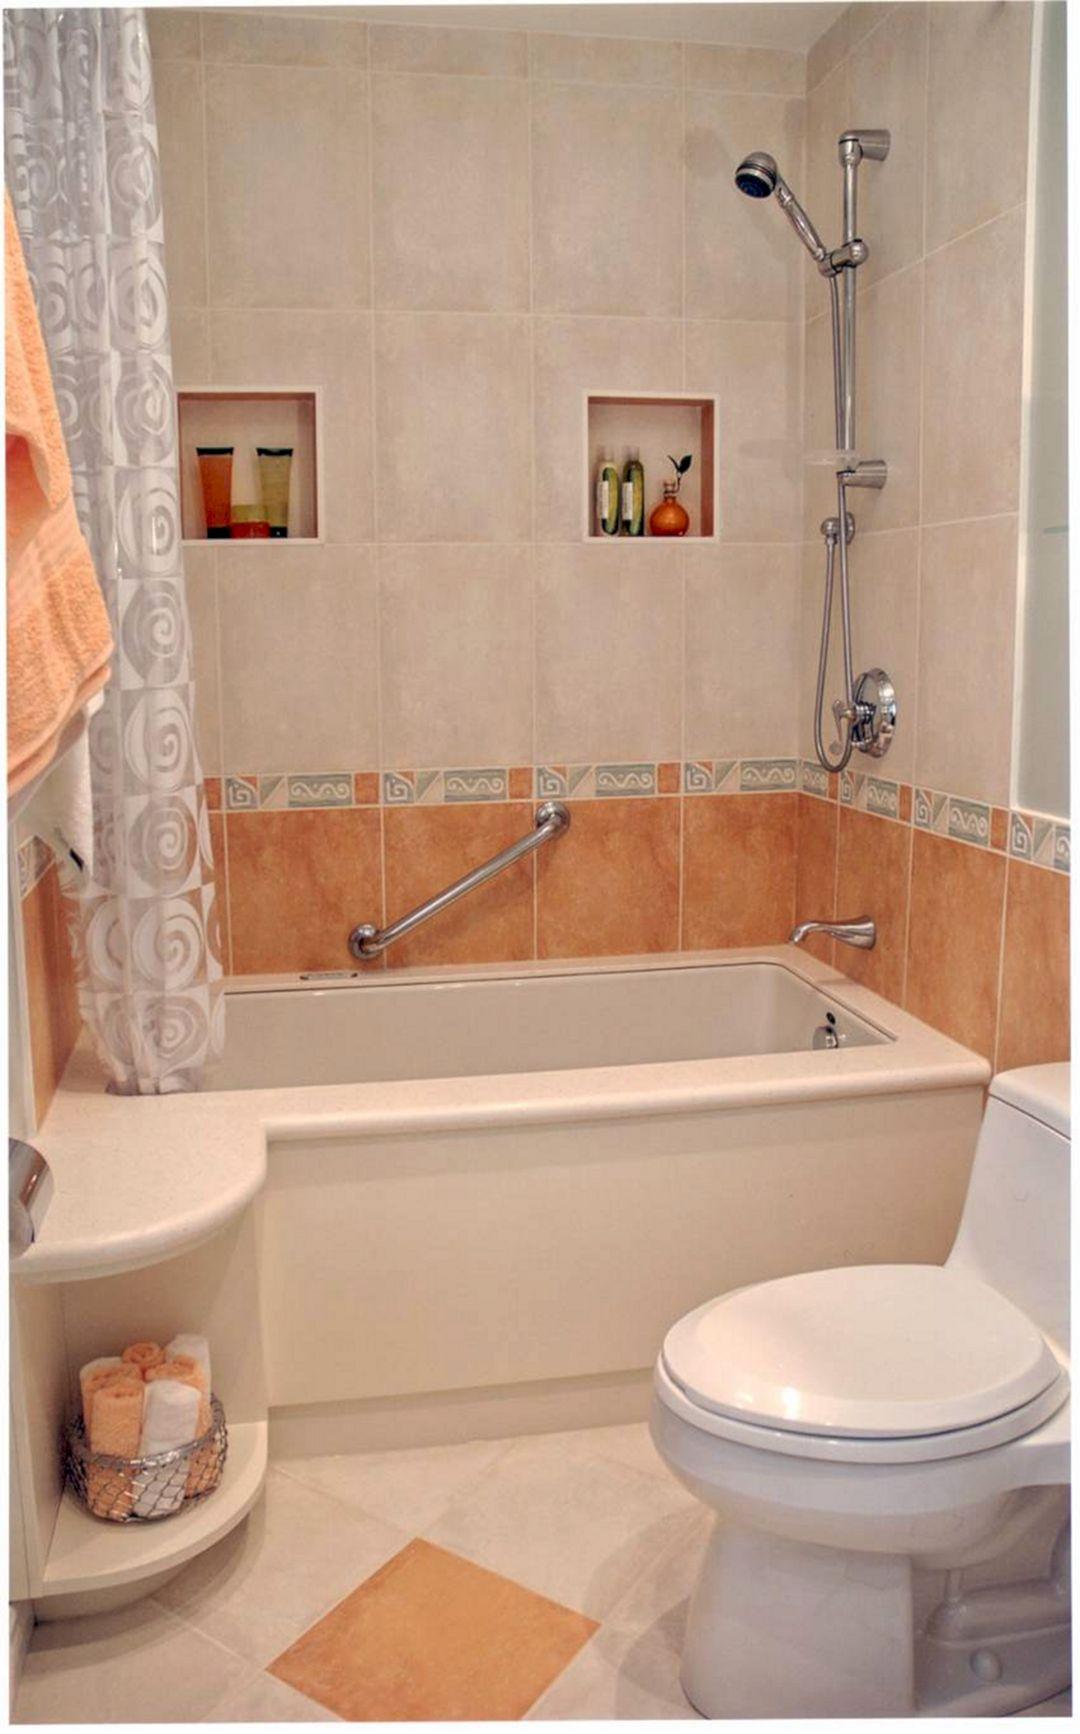 Bathtub Small Bathroom Design Ideas